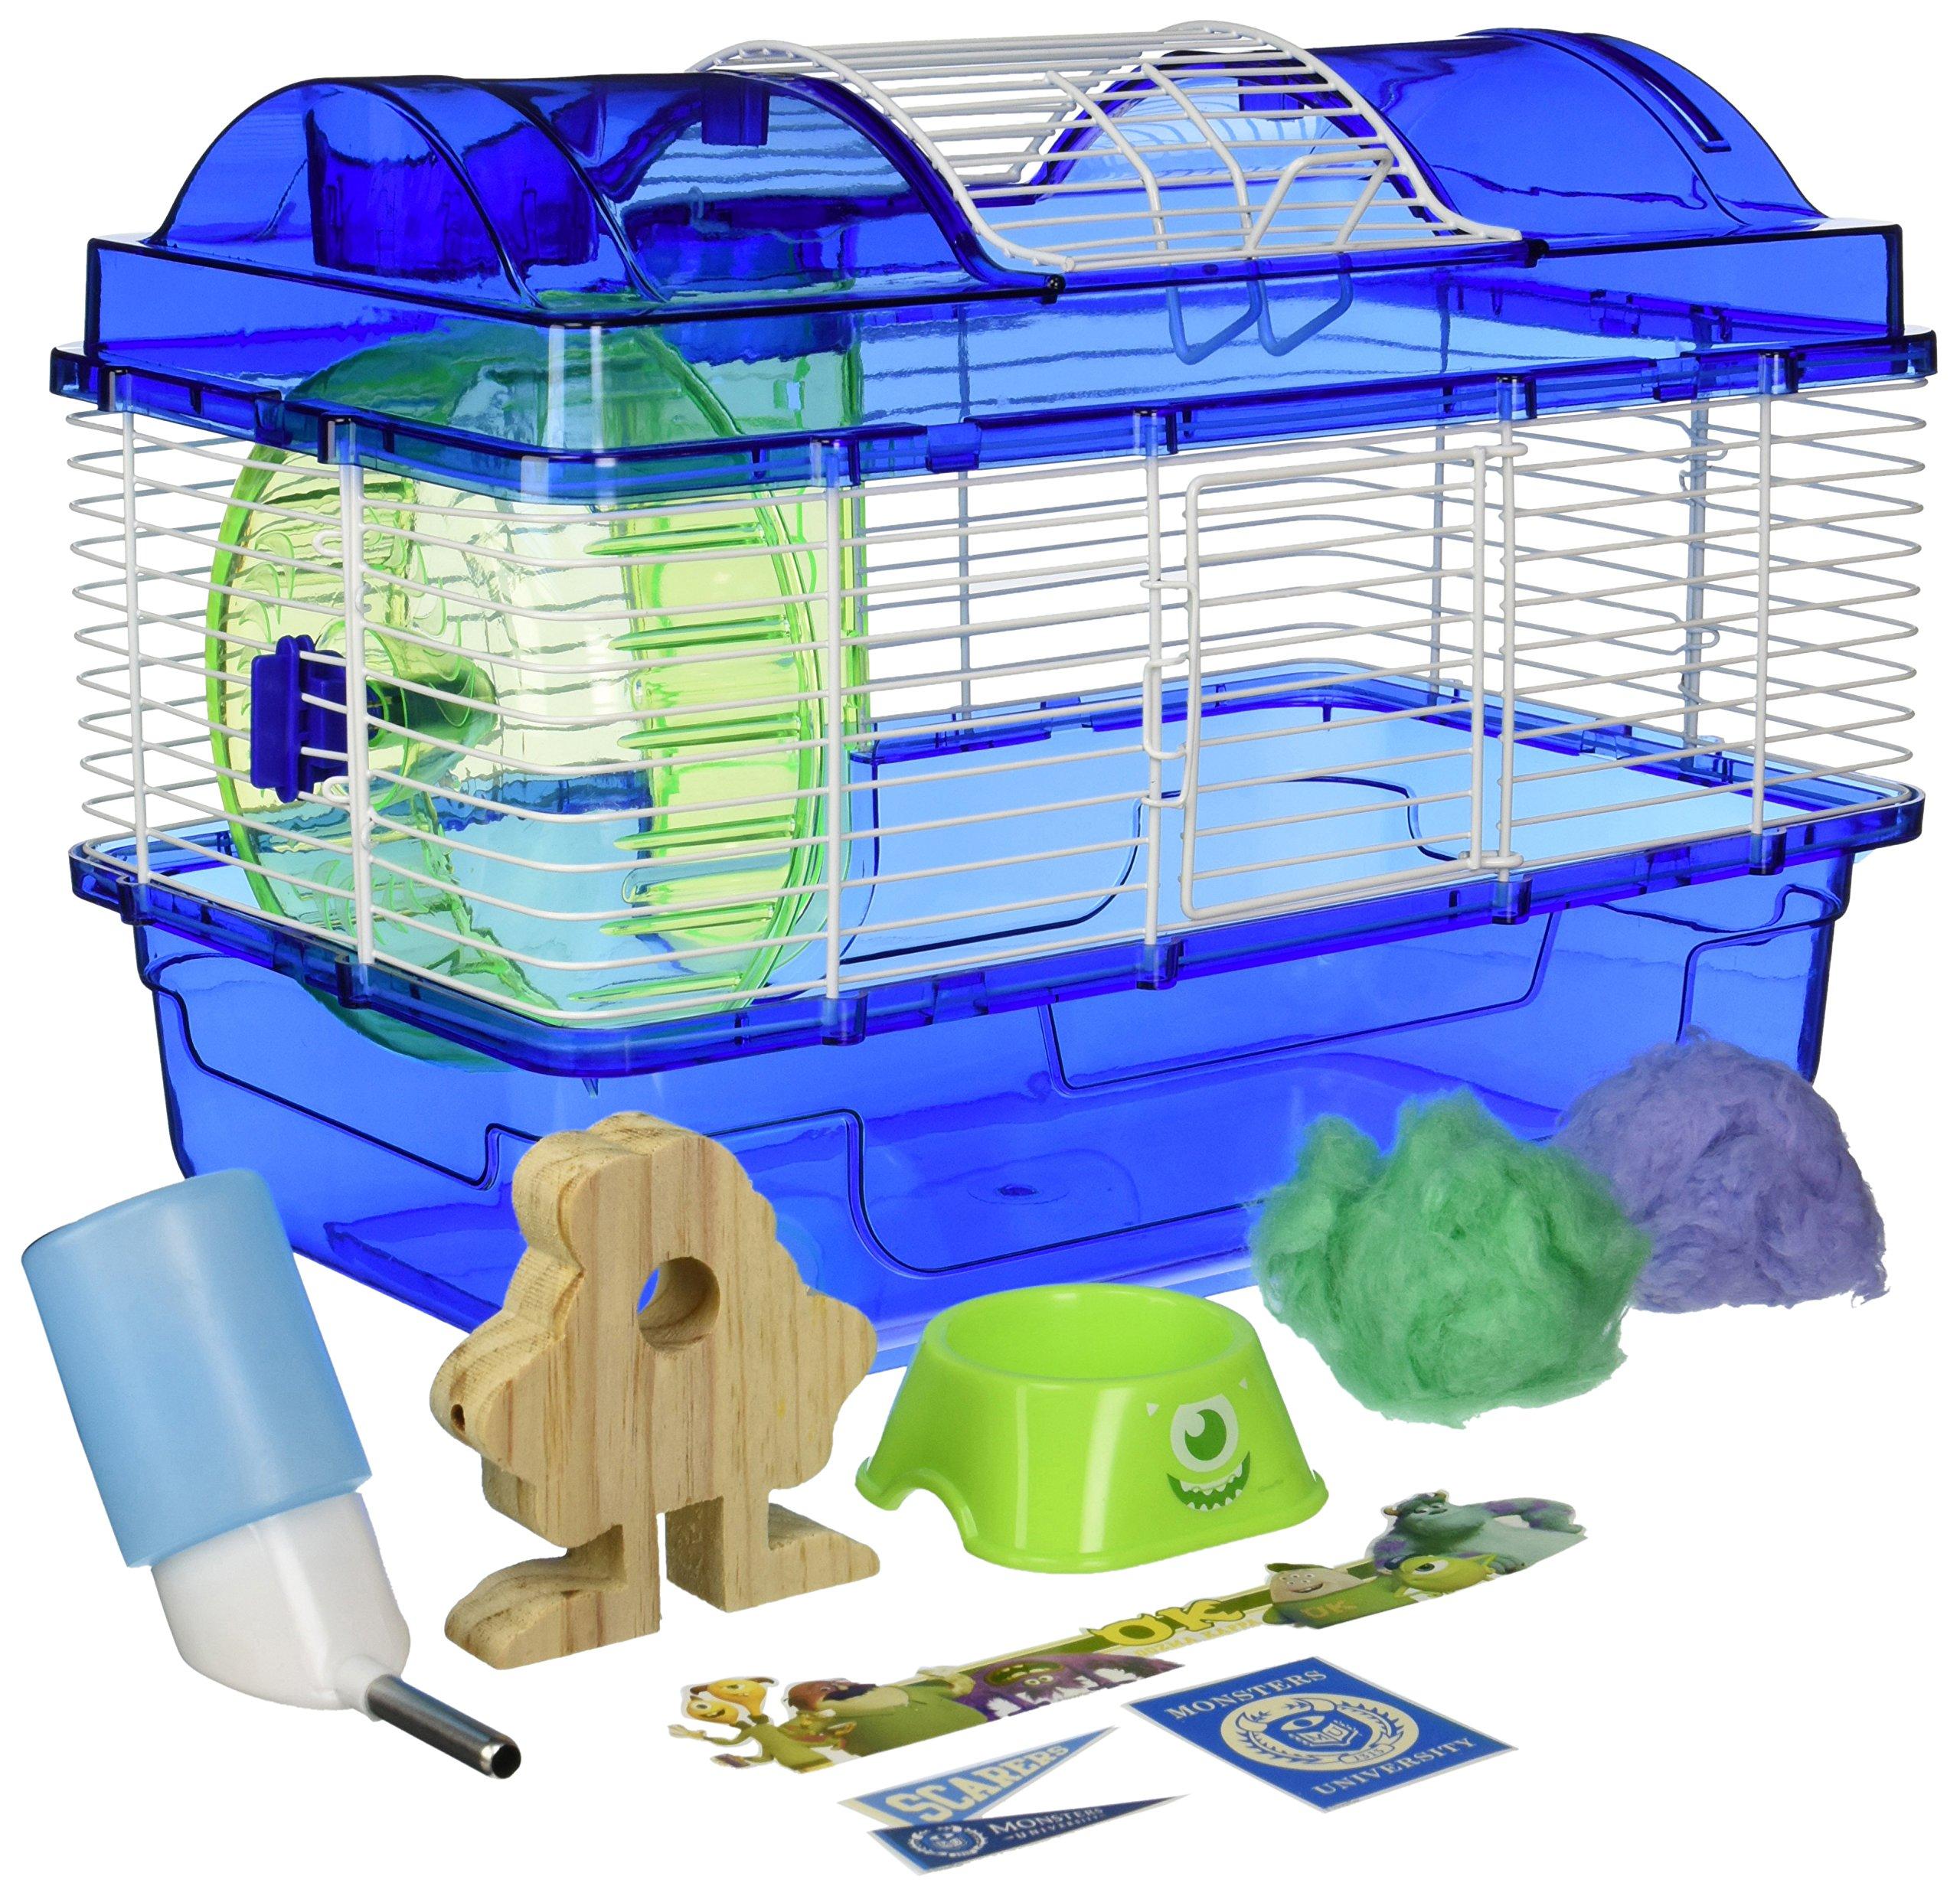 Penn Plax Monsters University Hamster Home